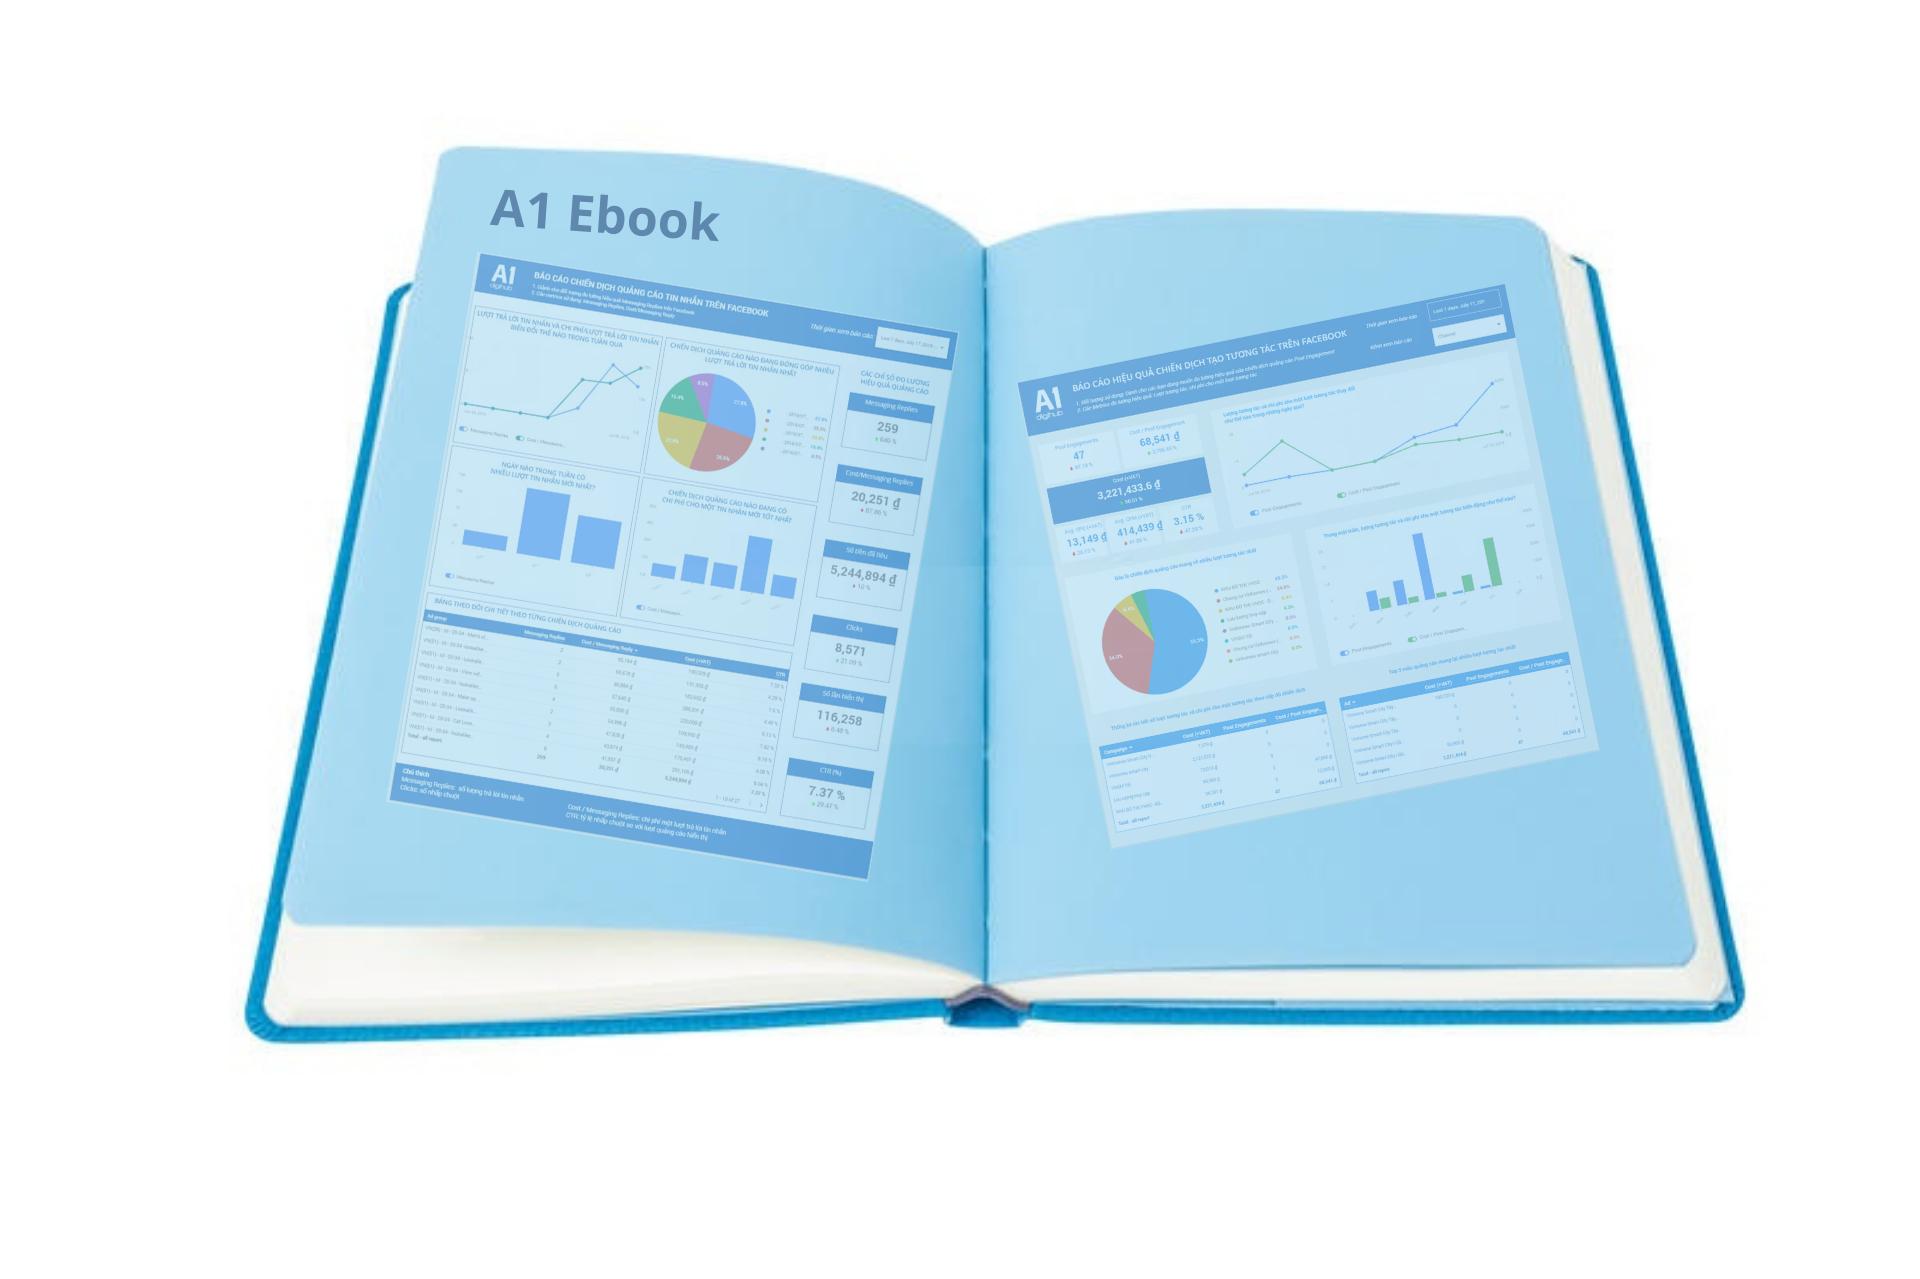 A1 Ebooks